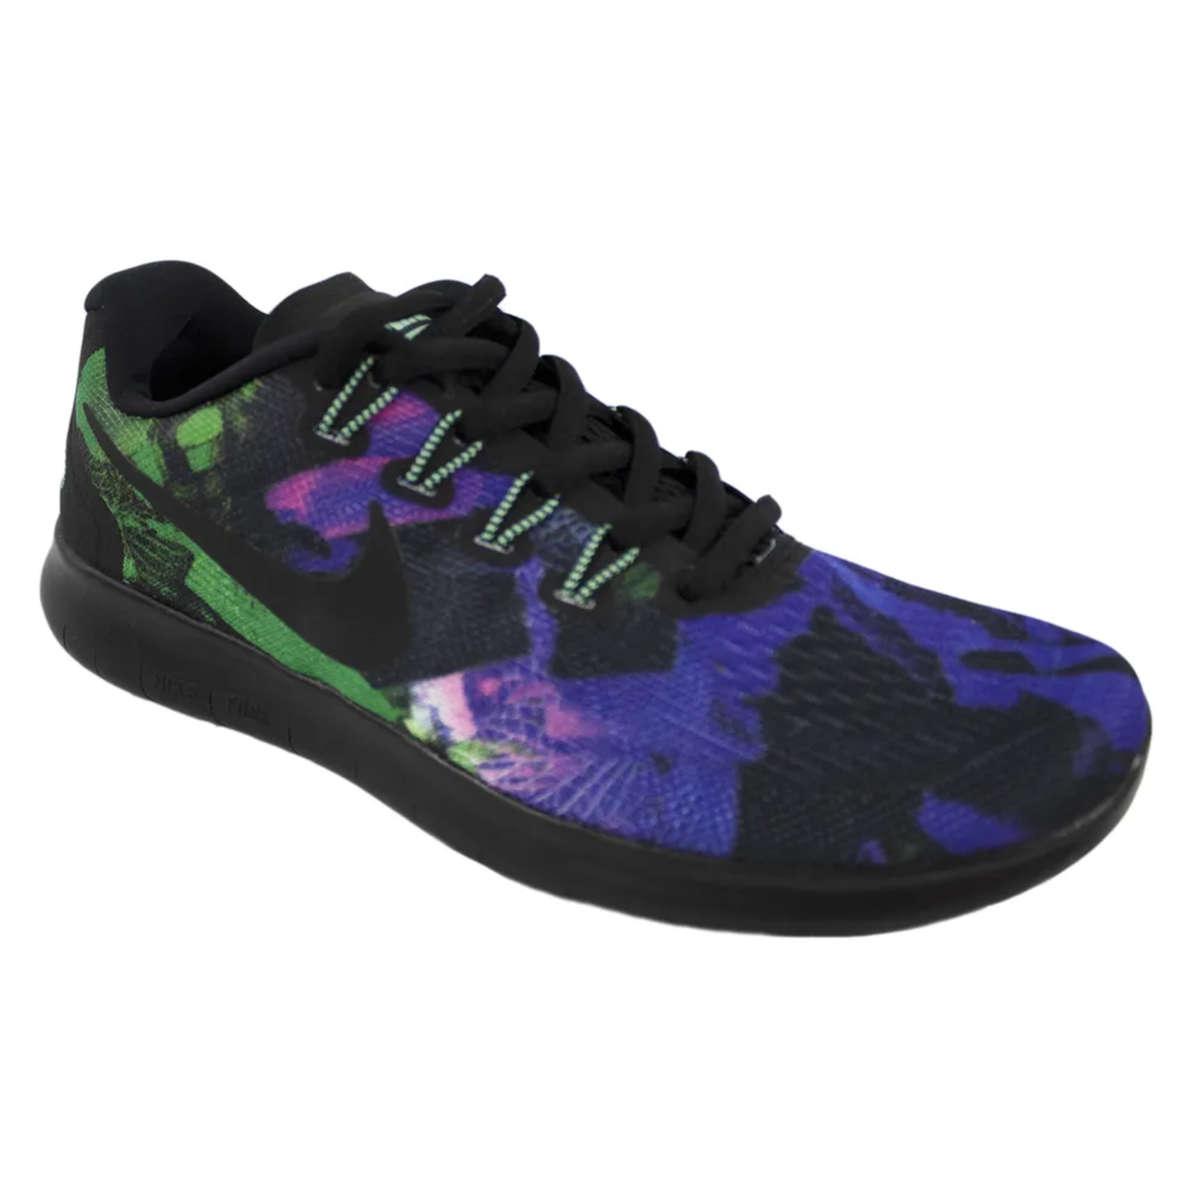 Comprar Zapatillas adidas en Yopal Tiendas y promociones